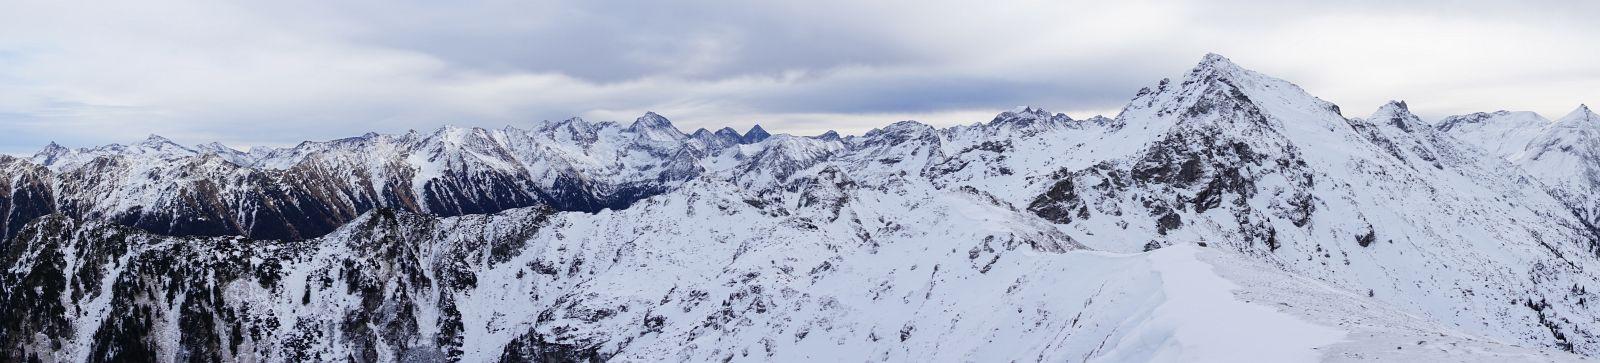 Panoramablick vom Höchstein über die Hochwildstelle zu Elendberg, Zwerfenberg, Hochgolling, Kasereck und weiter über das Schiedeck zur Lungauer und Steirischer Kalkspitze